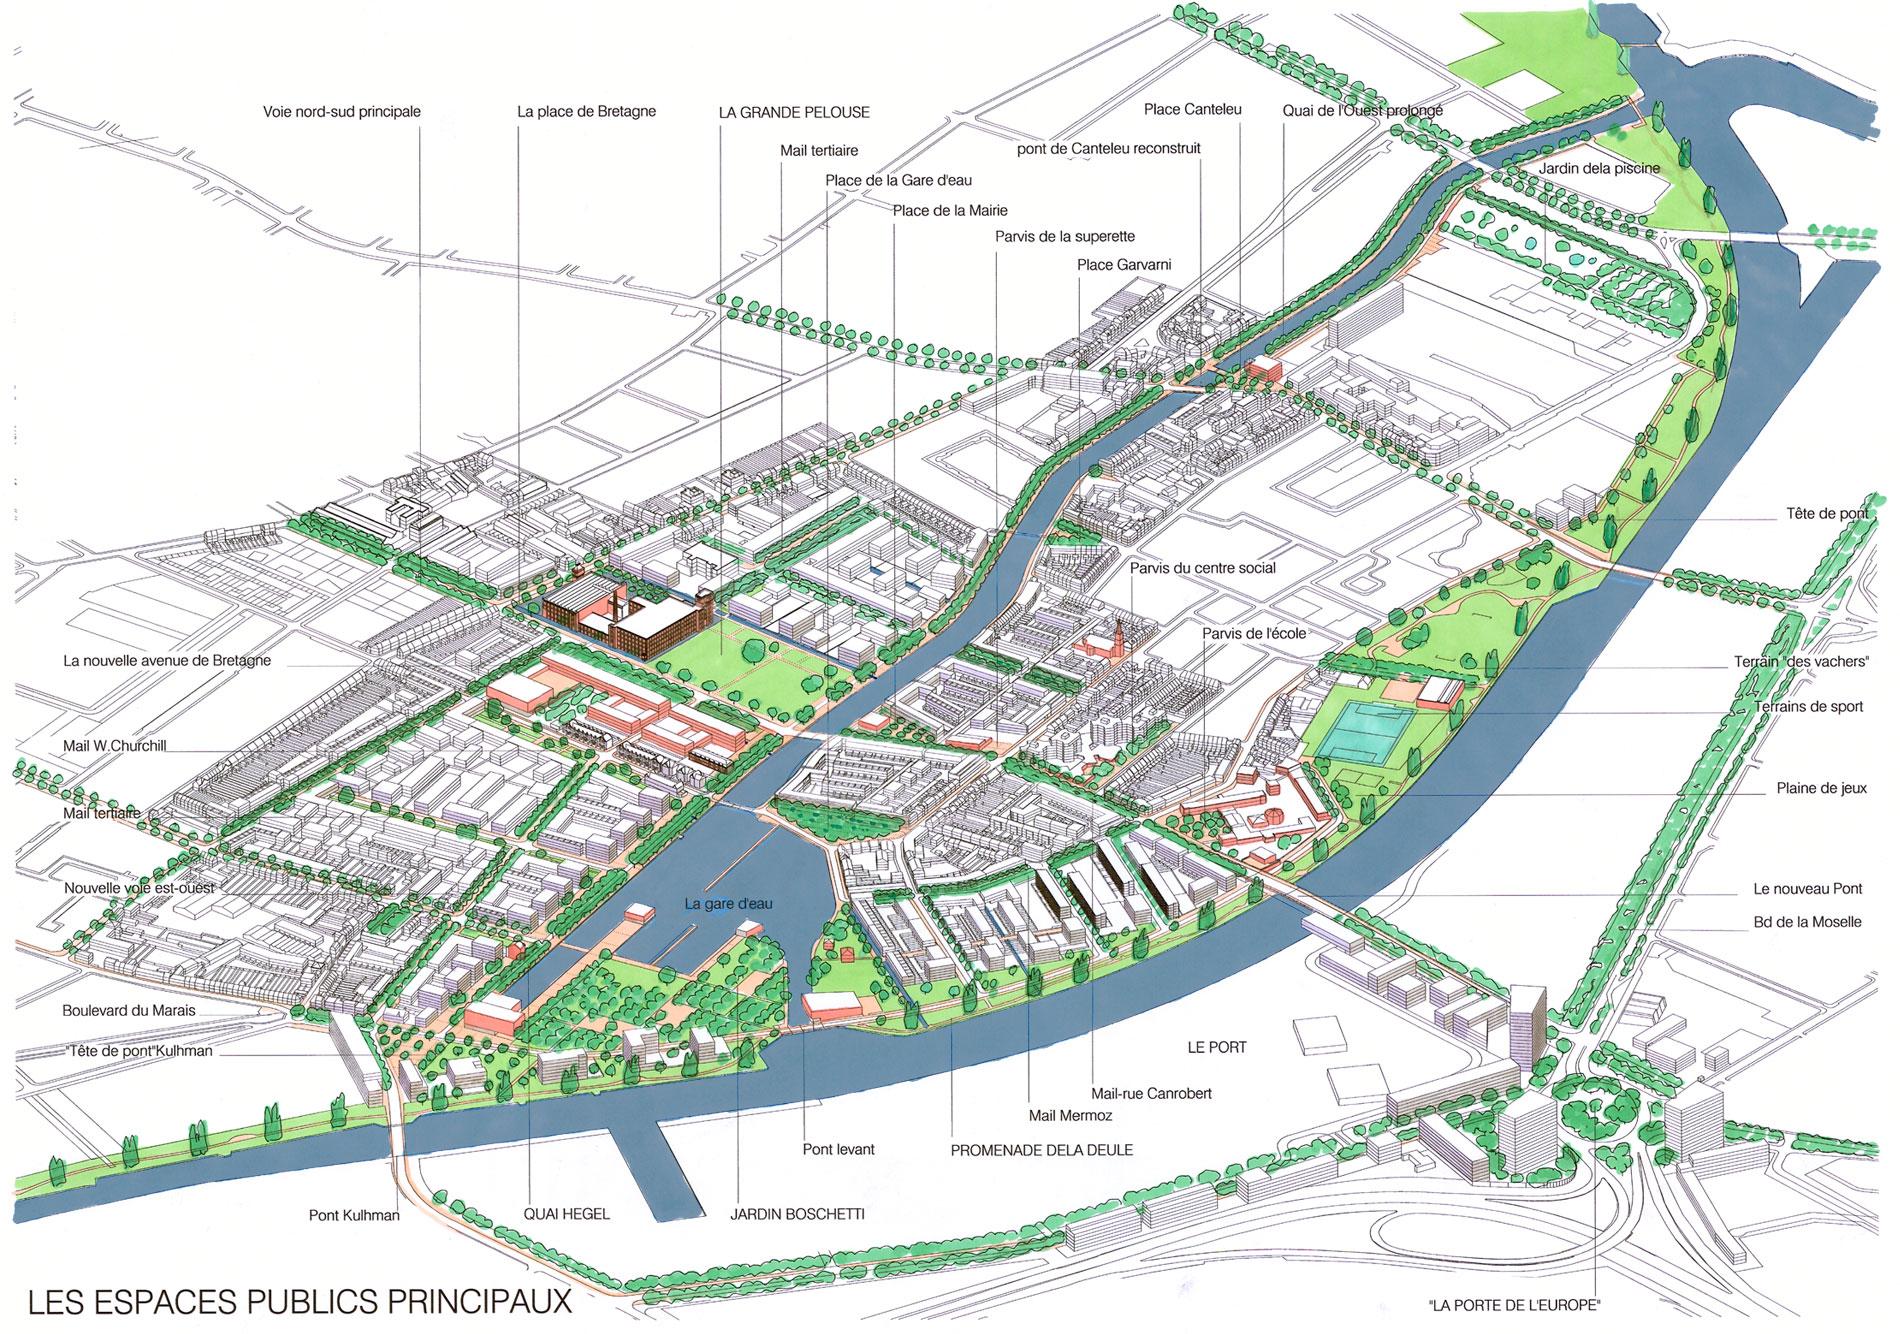 Projet urbain rives de la haute de le lille germe jam for Les espaces publics urbains